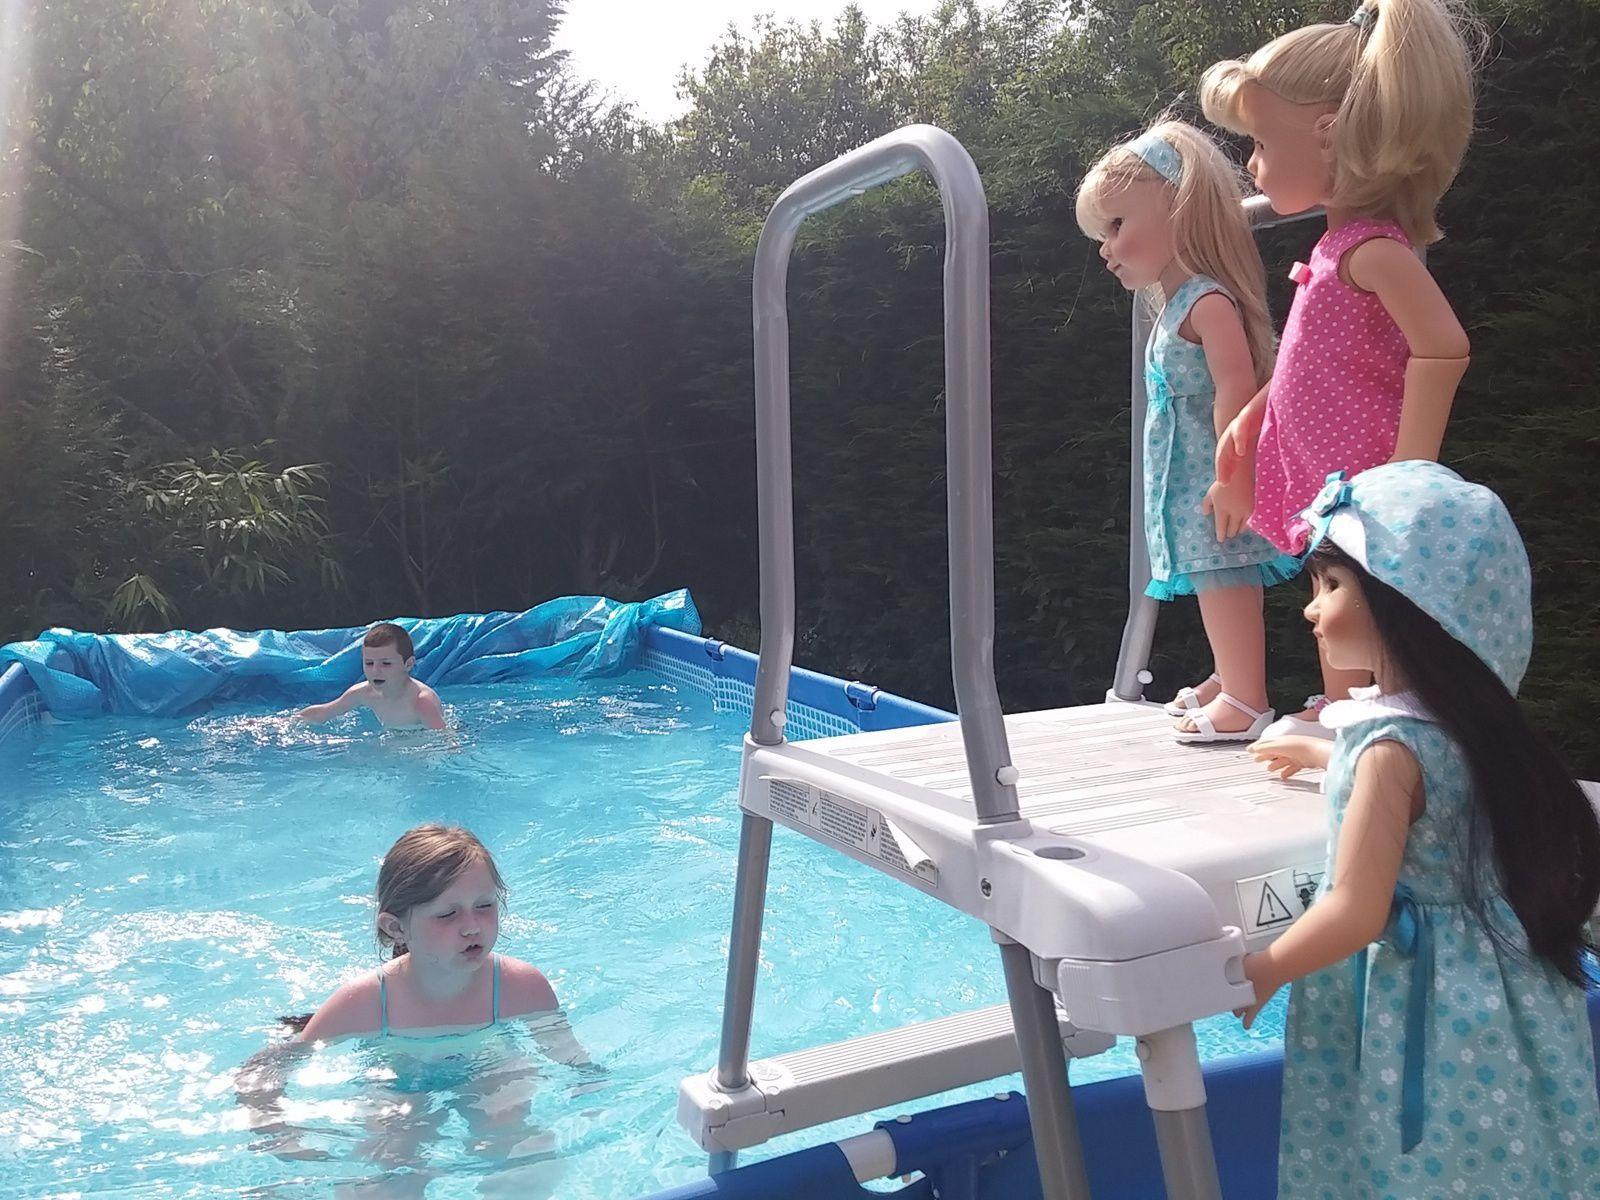 La piscine et les filles (2)